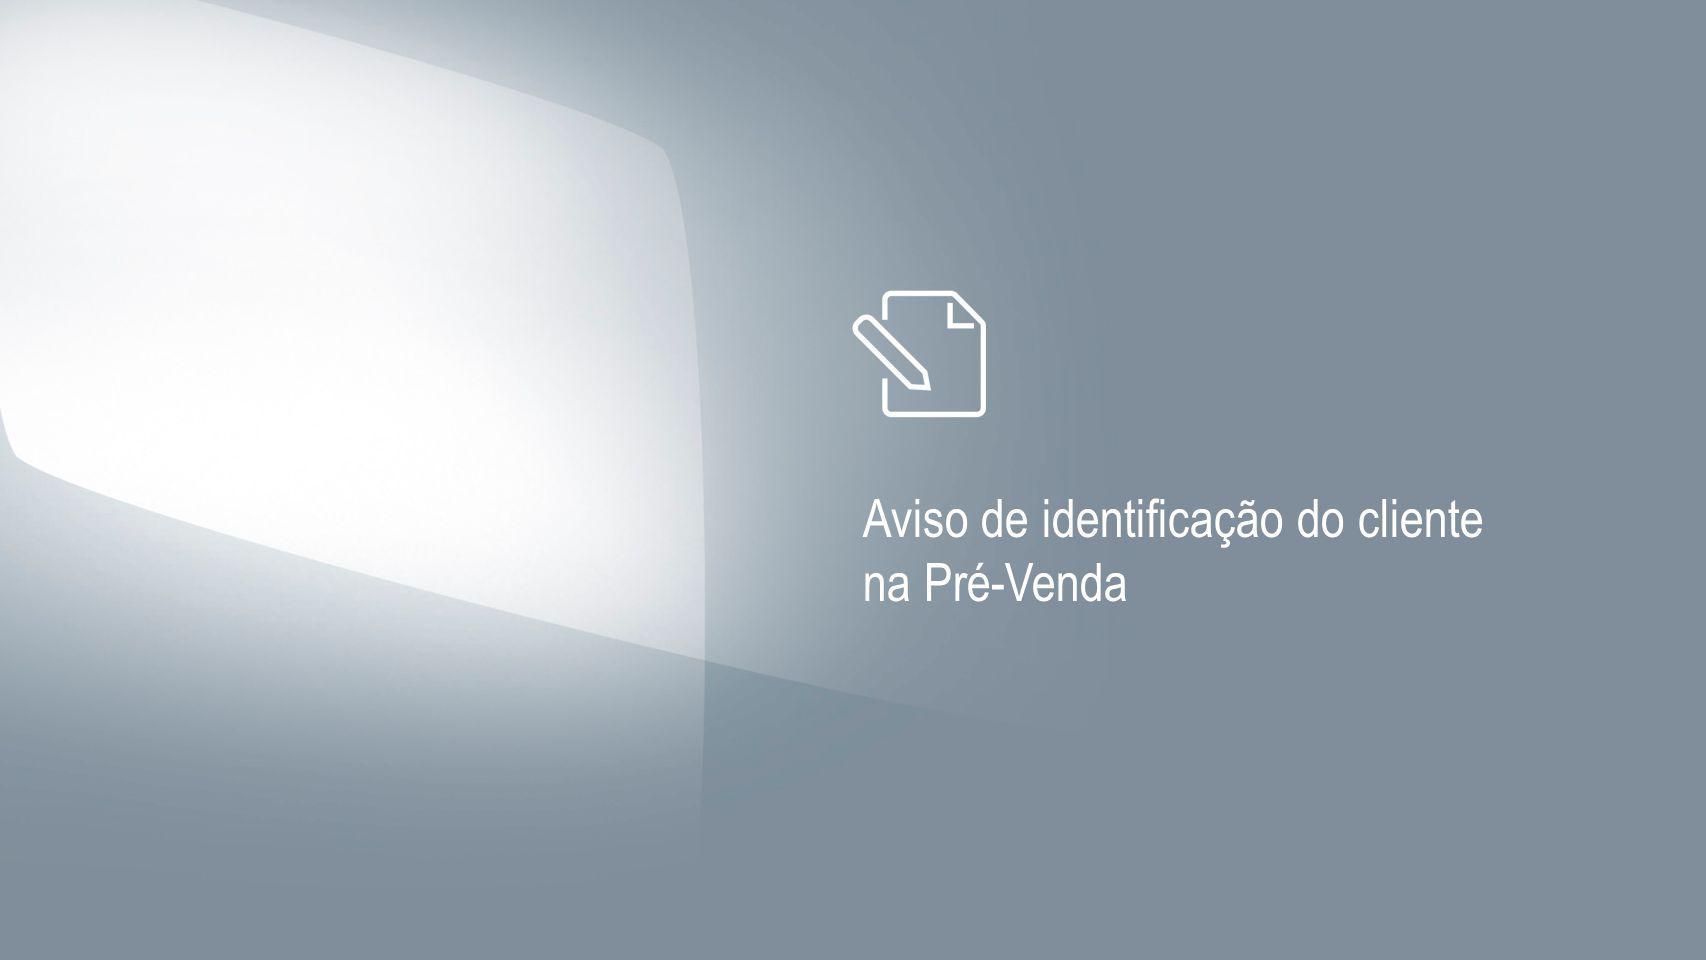 Aviso de identificação do cliente na Pré-Venda